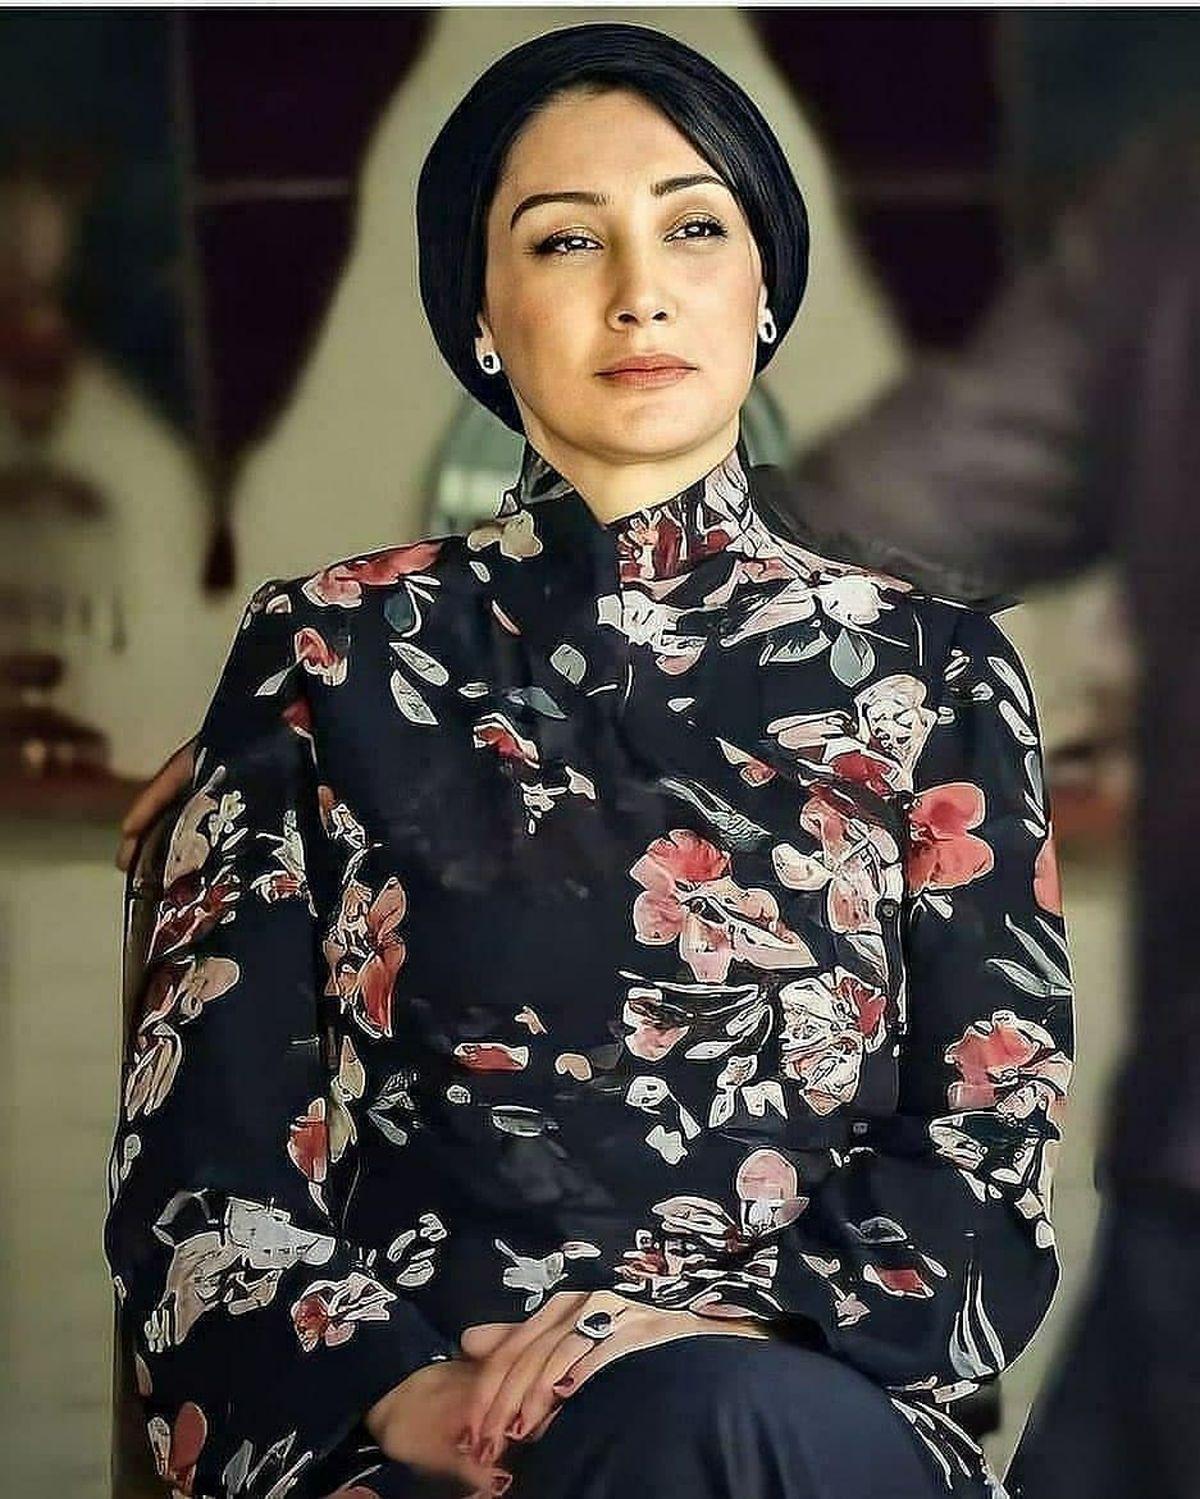 چهره شکسته هدیه تهرانی / عکس